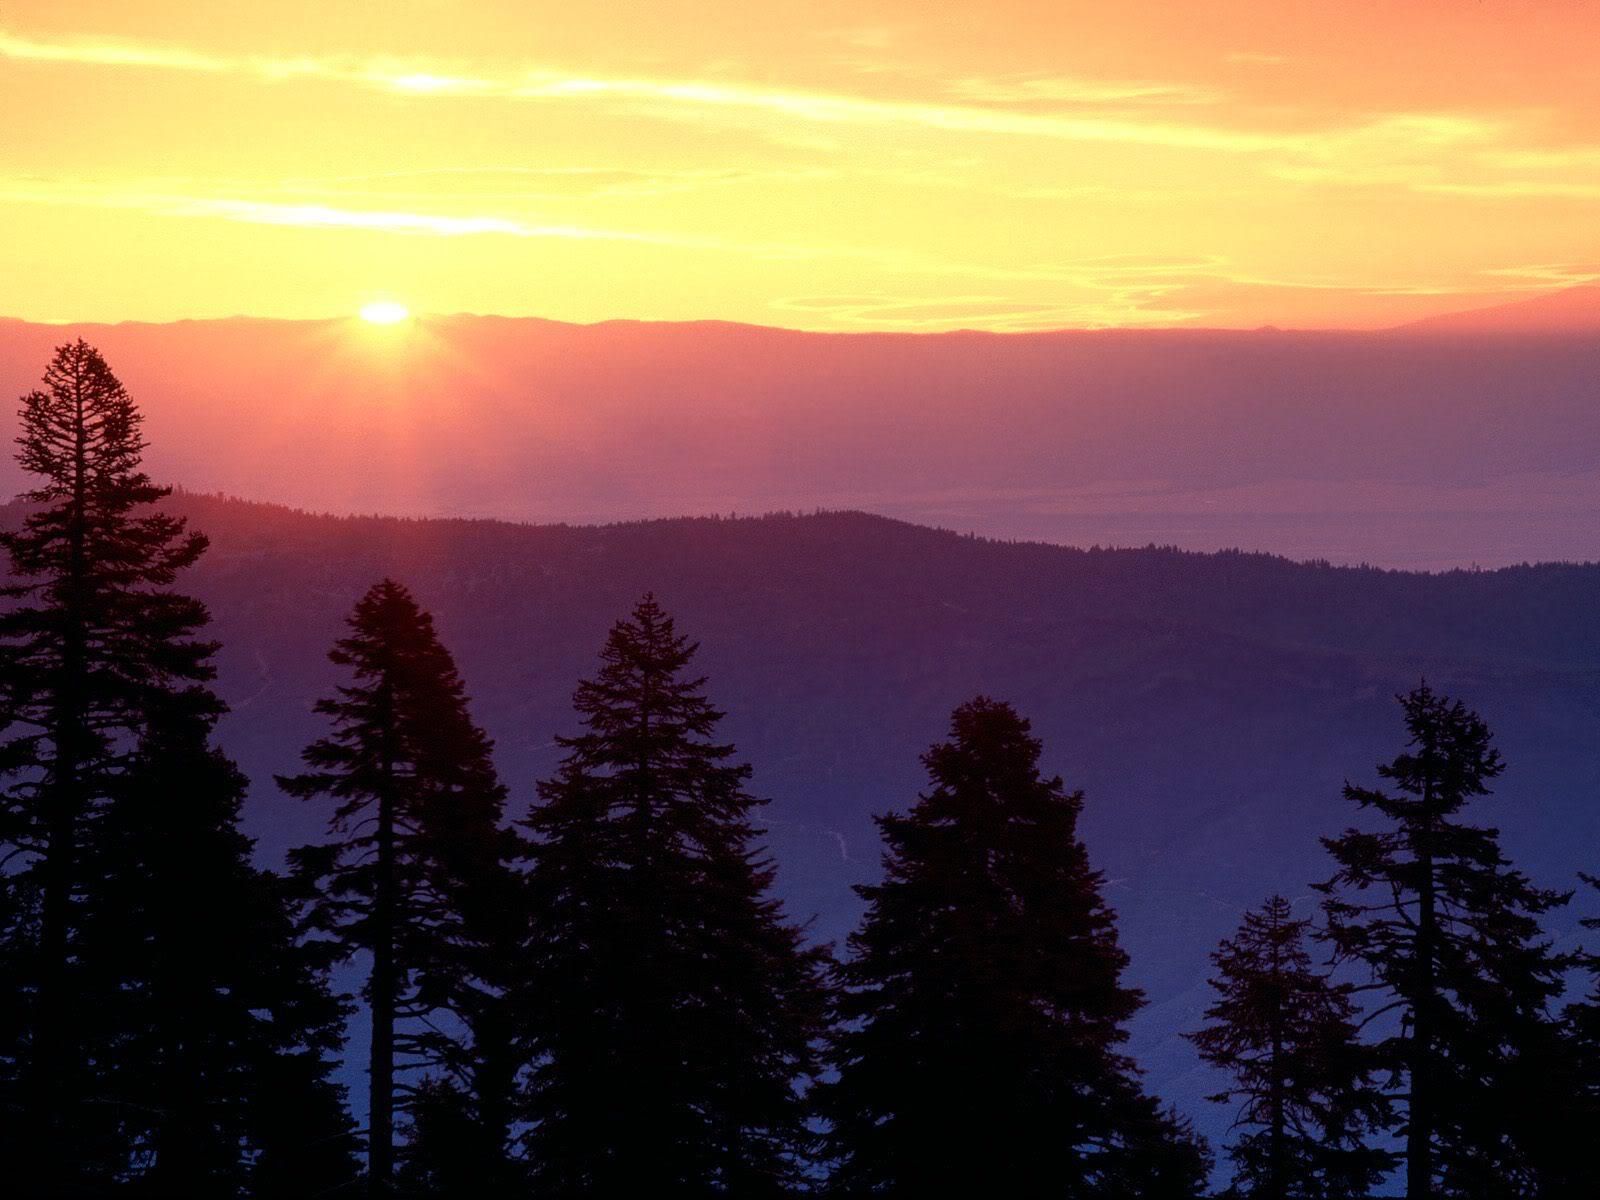 அழகு மலைகளின் காட்சிகள் சில.....02 - Page 22 SunriseatPlaskettRidgeCalifornia